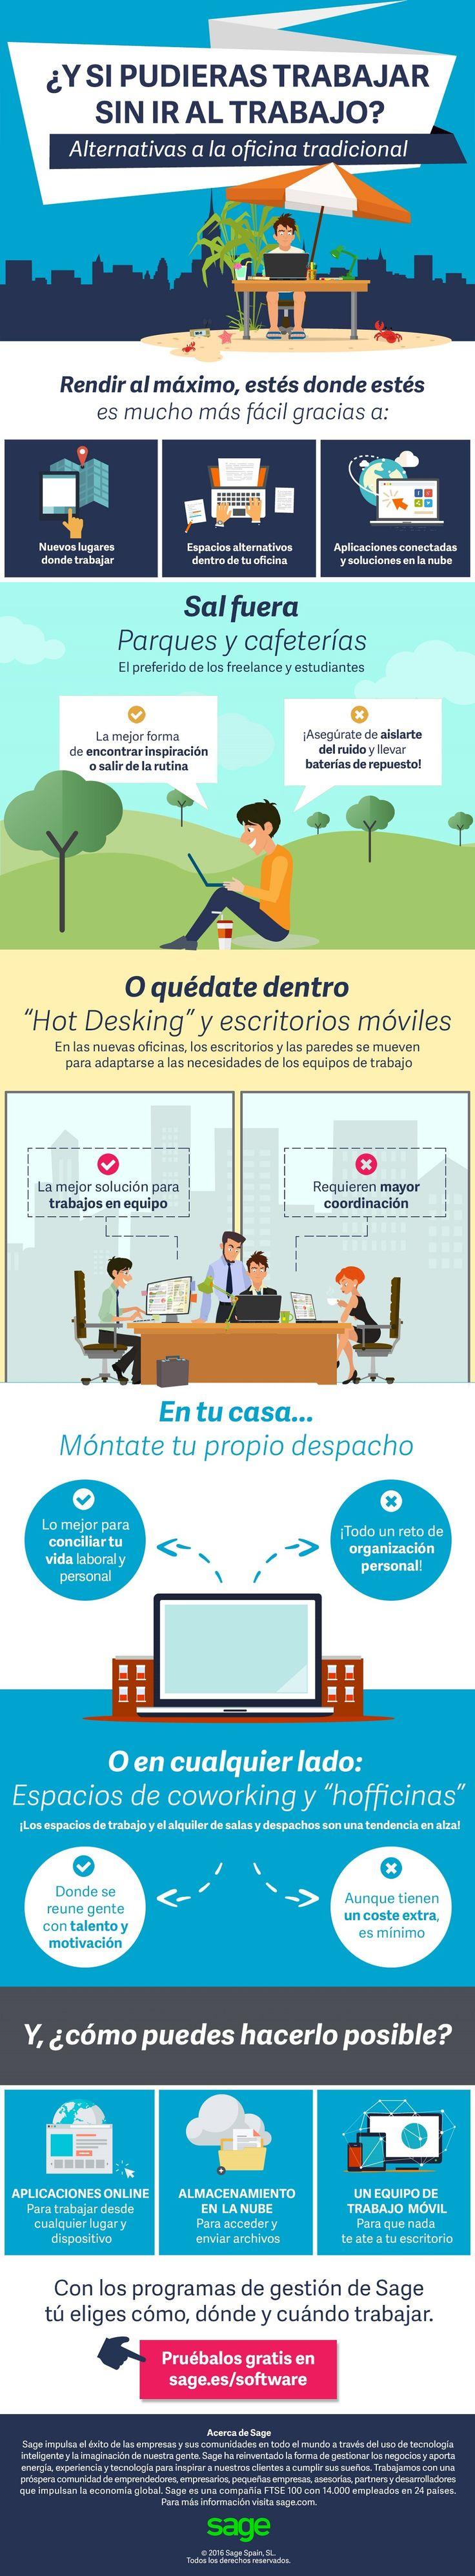 Hola: Una infografía sobreAlternativas a la Oficina tradicional: trabajar sin ir al trabajo. Vía Un saludo